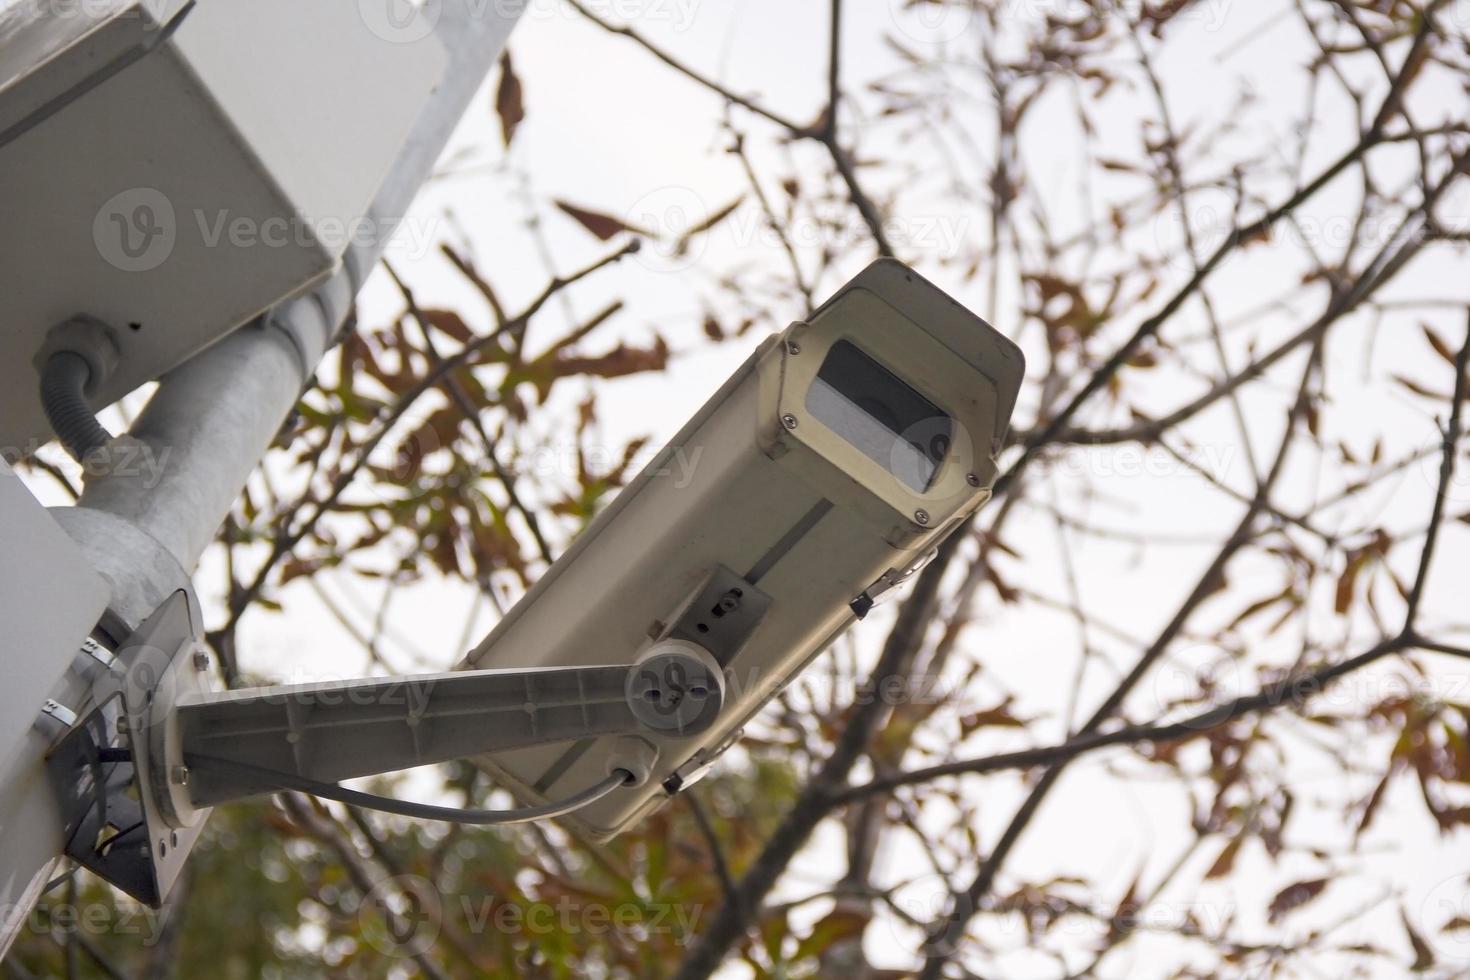 câmera de segurança foto